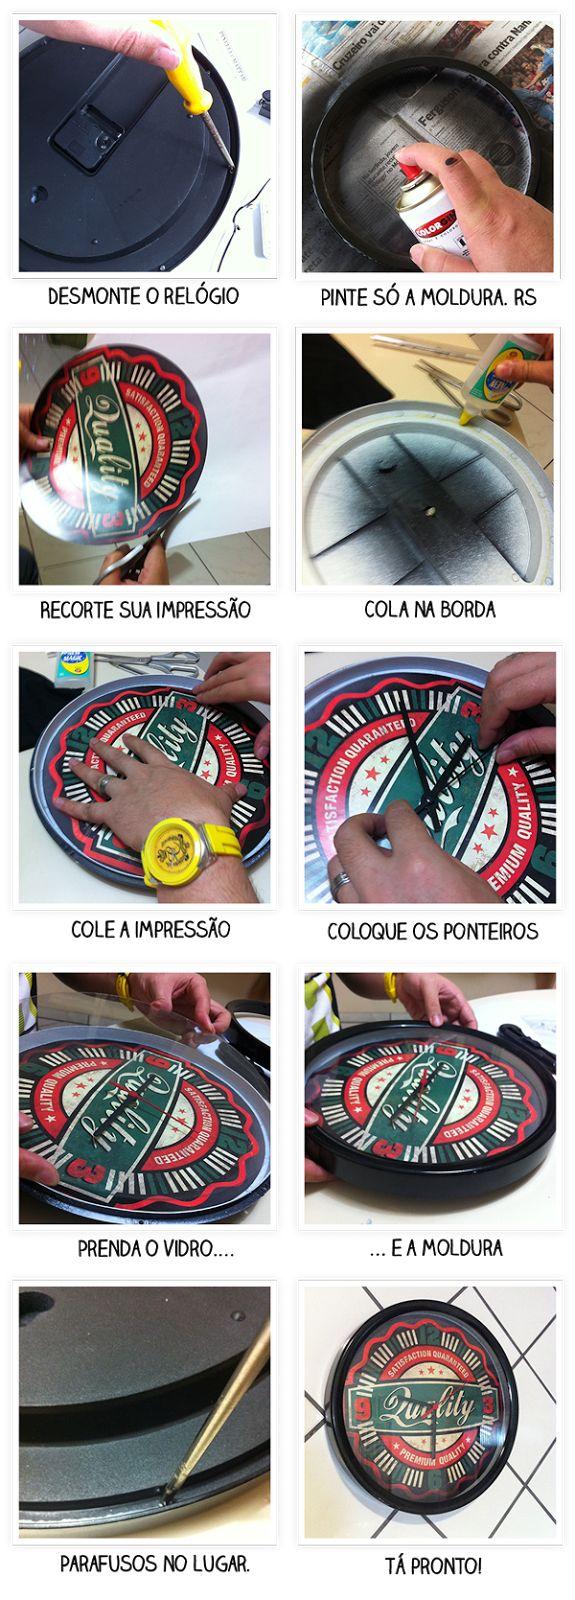 Como repaginar o seu relógio made in camelô.     Para ter um desses pra chamar de seu você vai precisar de:  Um relógio de parede redondo  Cola Branca  Tinta Spray Preta  1 impressão na largura do relógio  Chave de Fenda    Instruções no Casa de colorir com a super Thalita Magalhães da Casa de colorir. http://www.casadecolorir.com.br/2012/12/casa-de-cueca-relogio-de-parede-retro.html